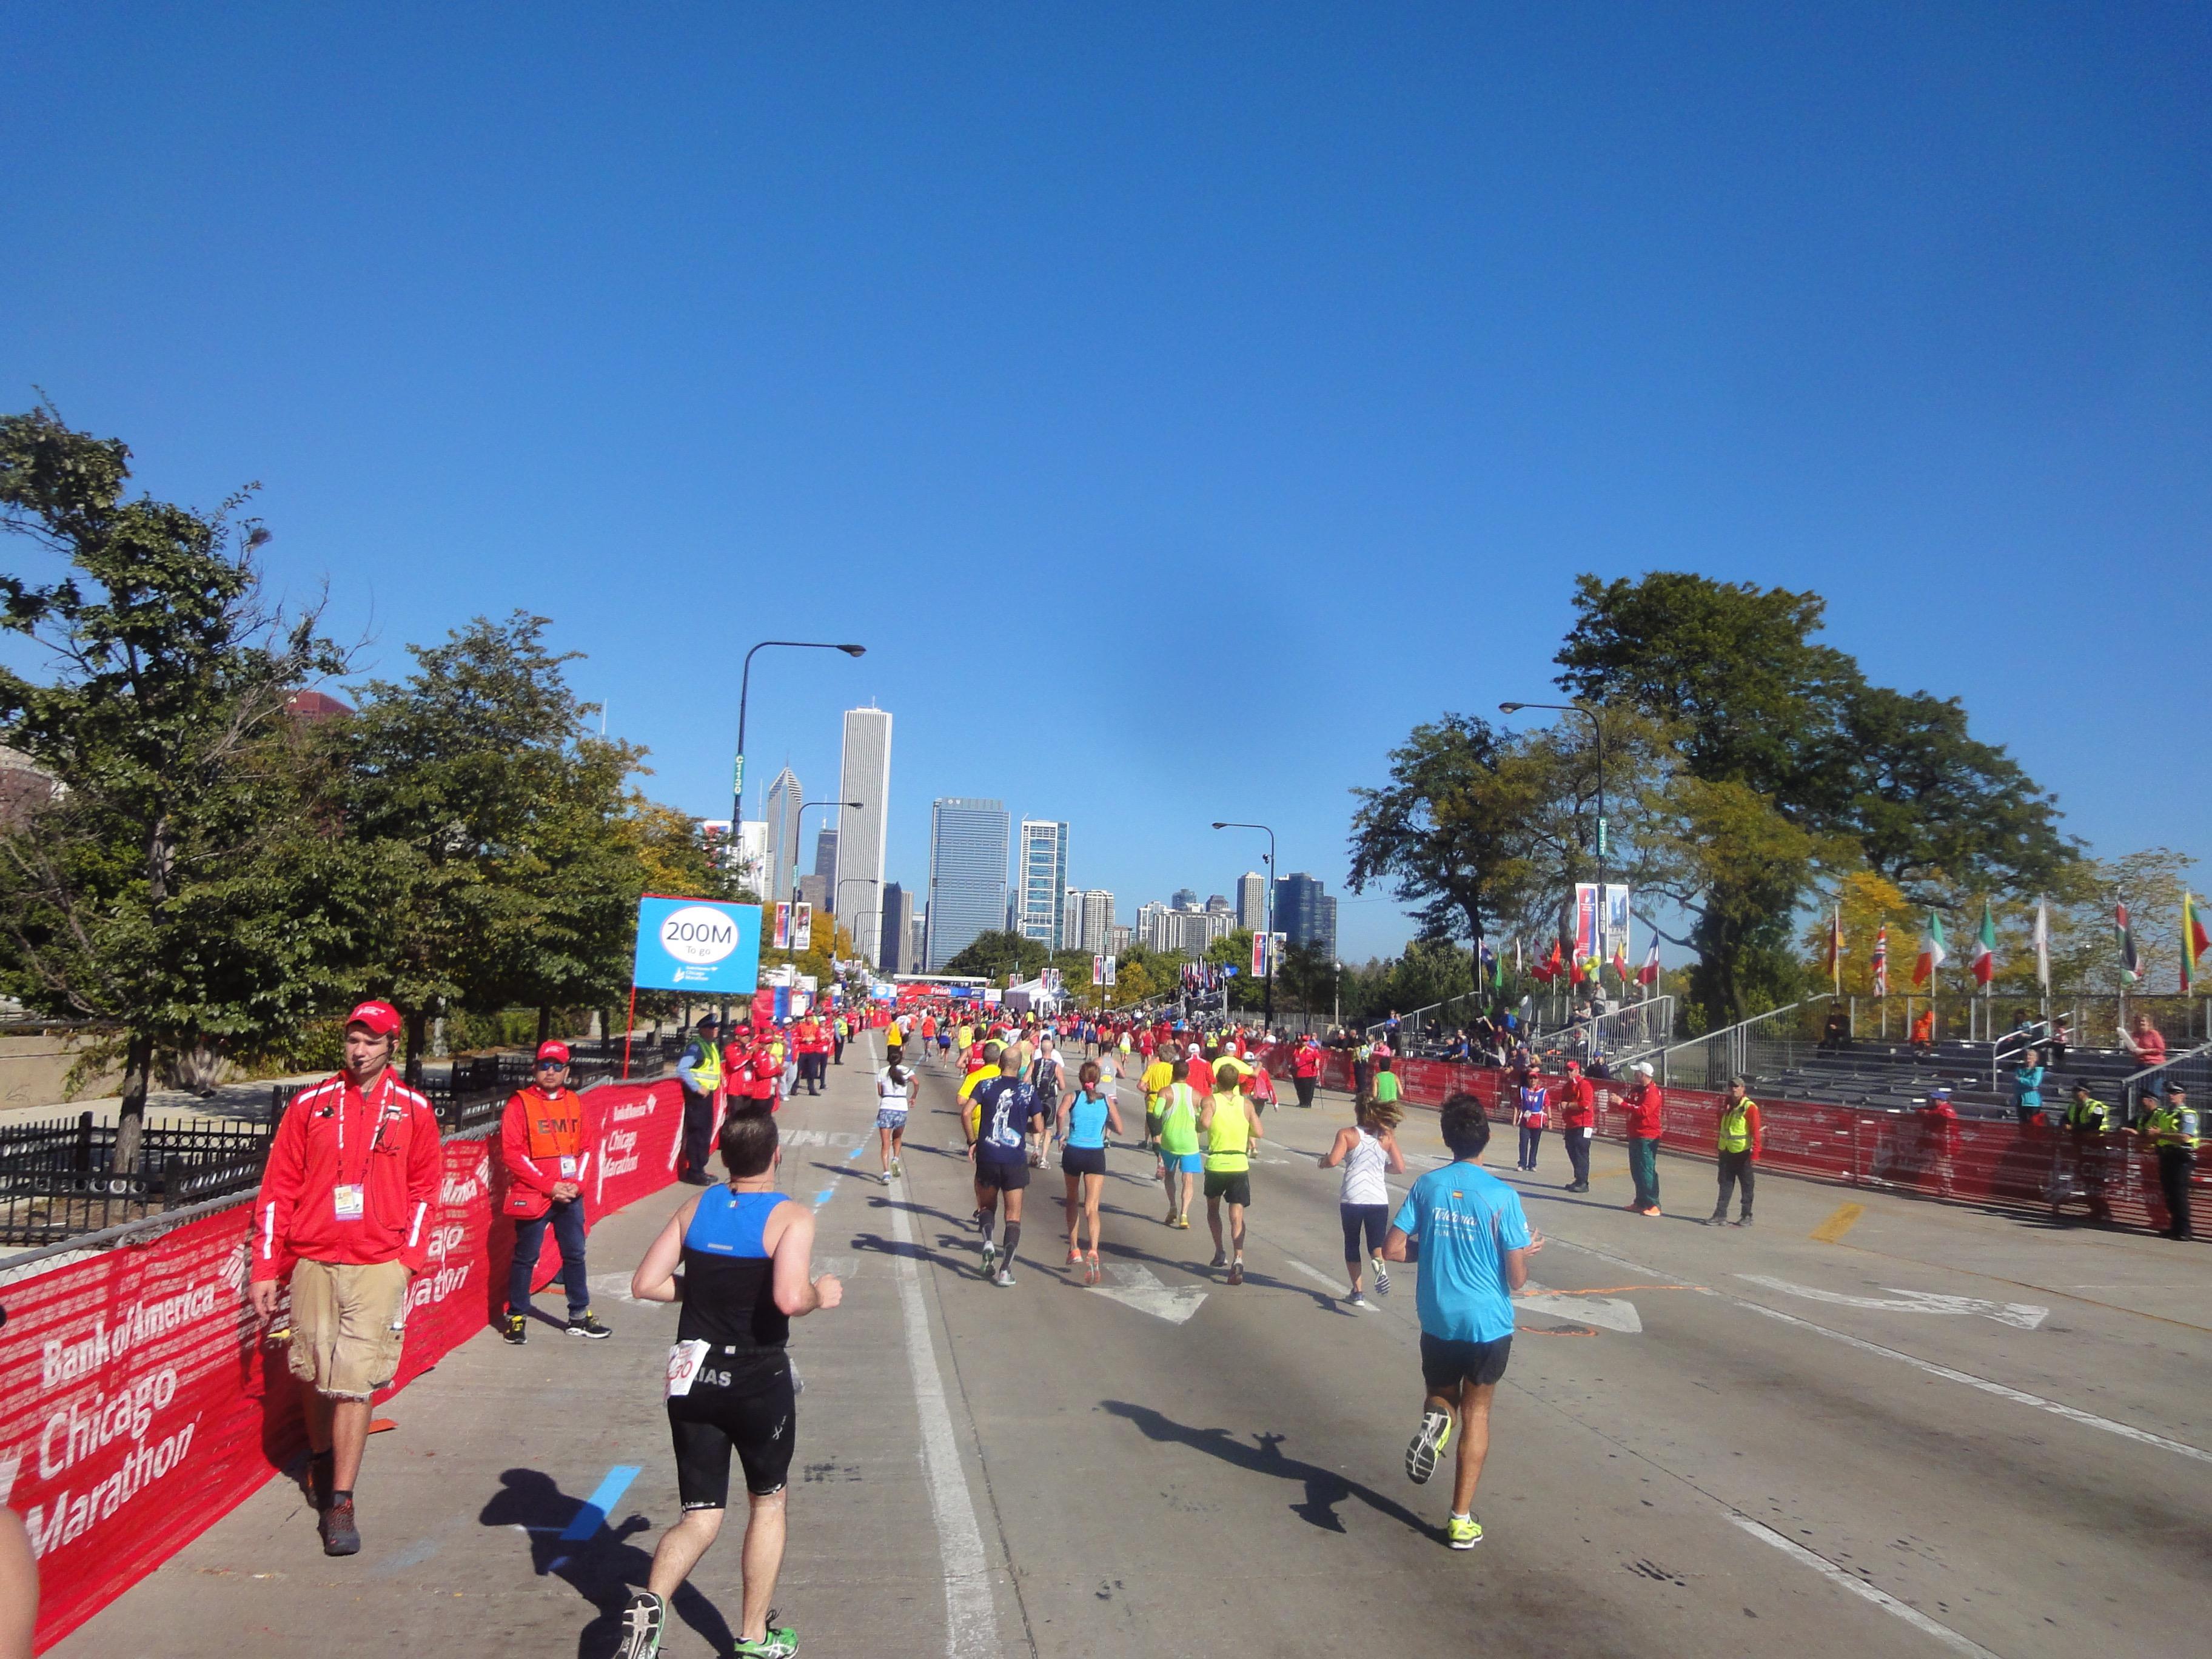 Zielgerade Chicago Marathon